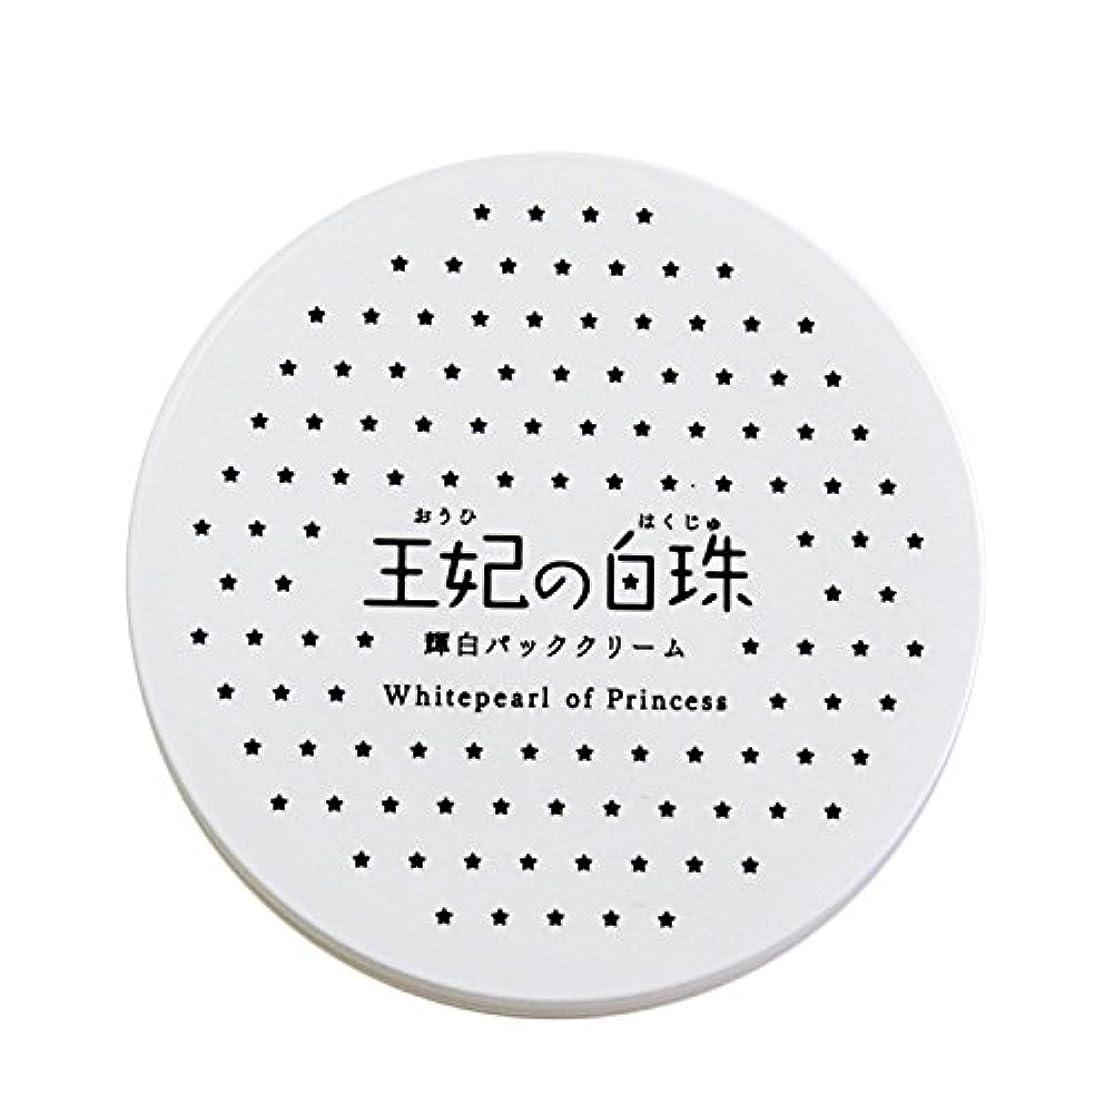 チュラコス 王妃の白珠 SR 25g 輝肌パッククリーム 洗い流すタイプ